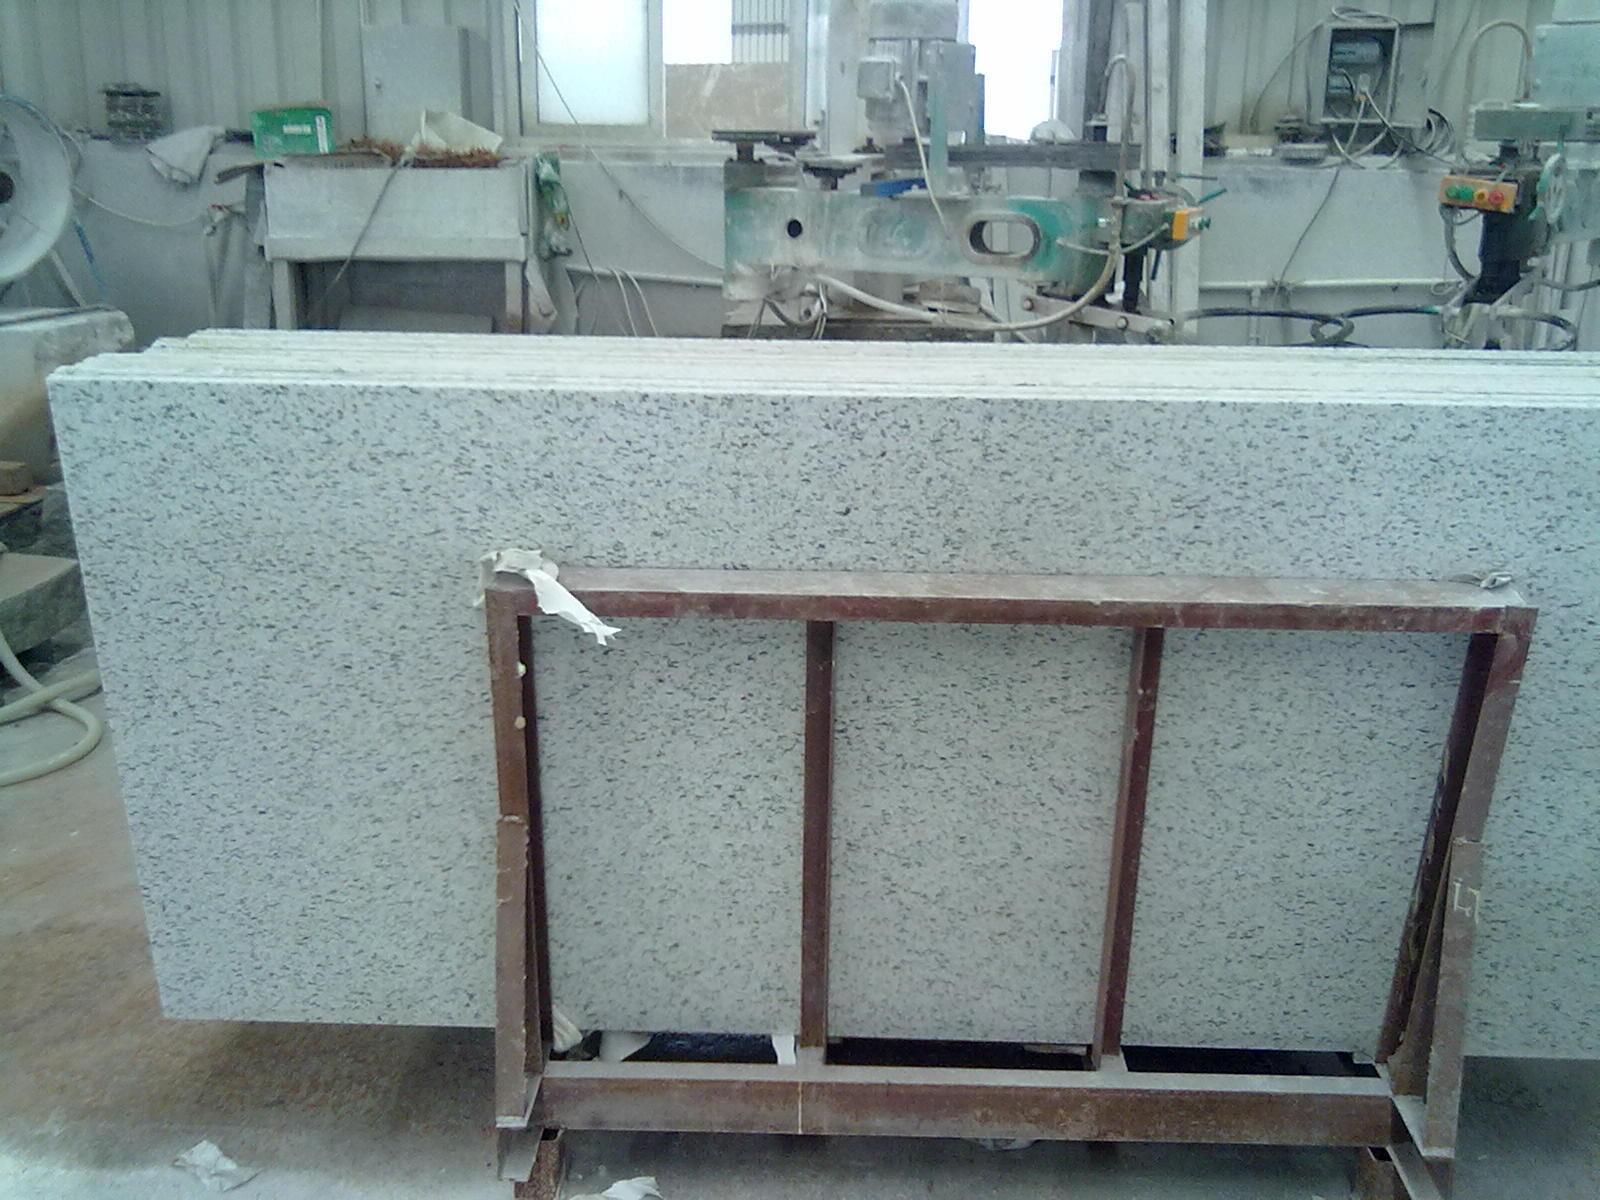 Rockwell White Granite : Gardenia rockwell branco importou a laje do granito